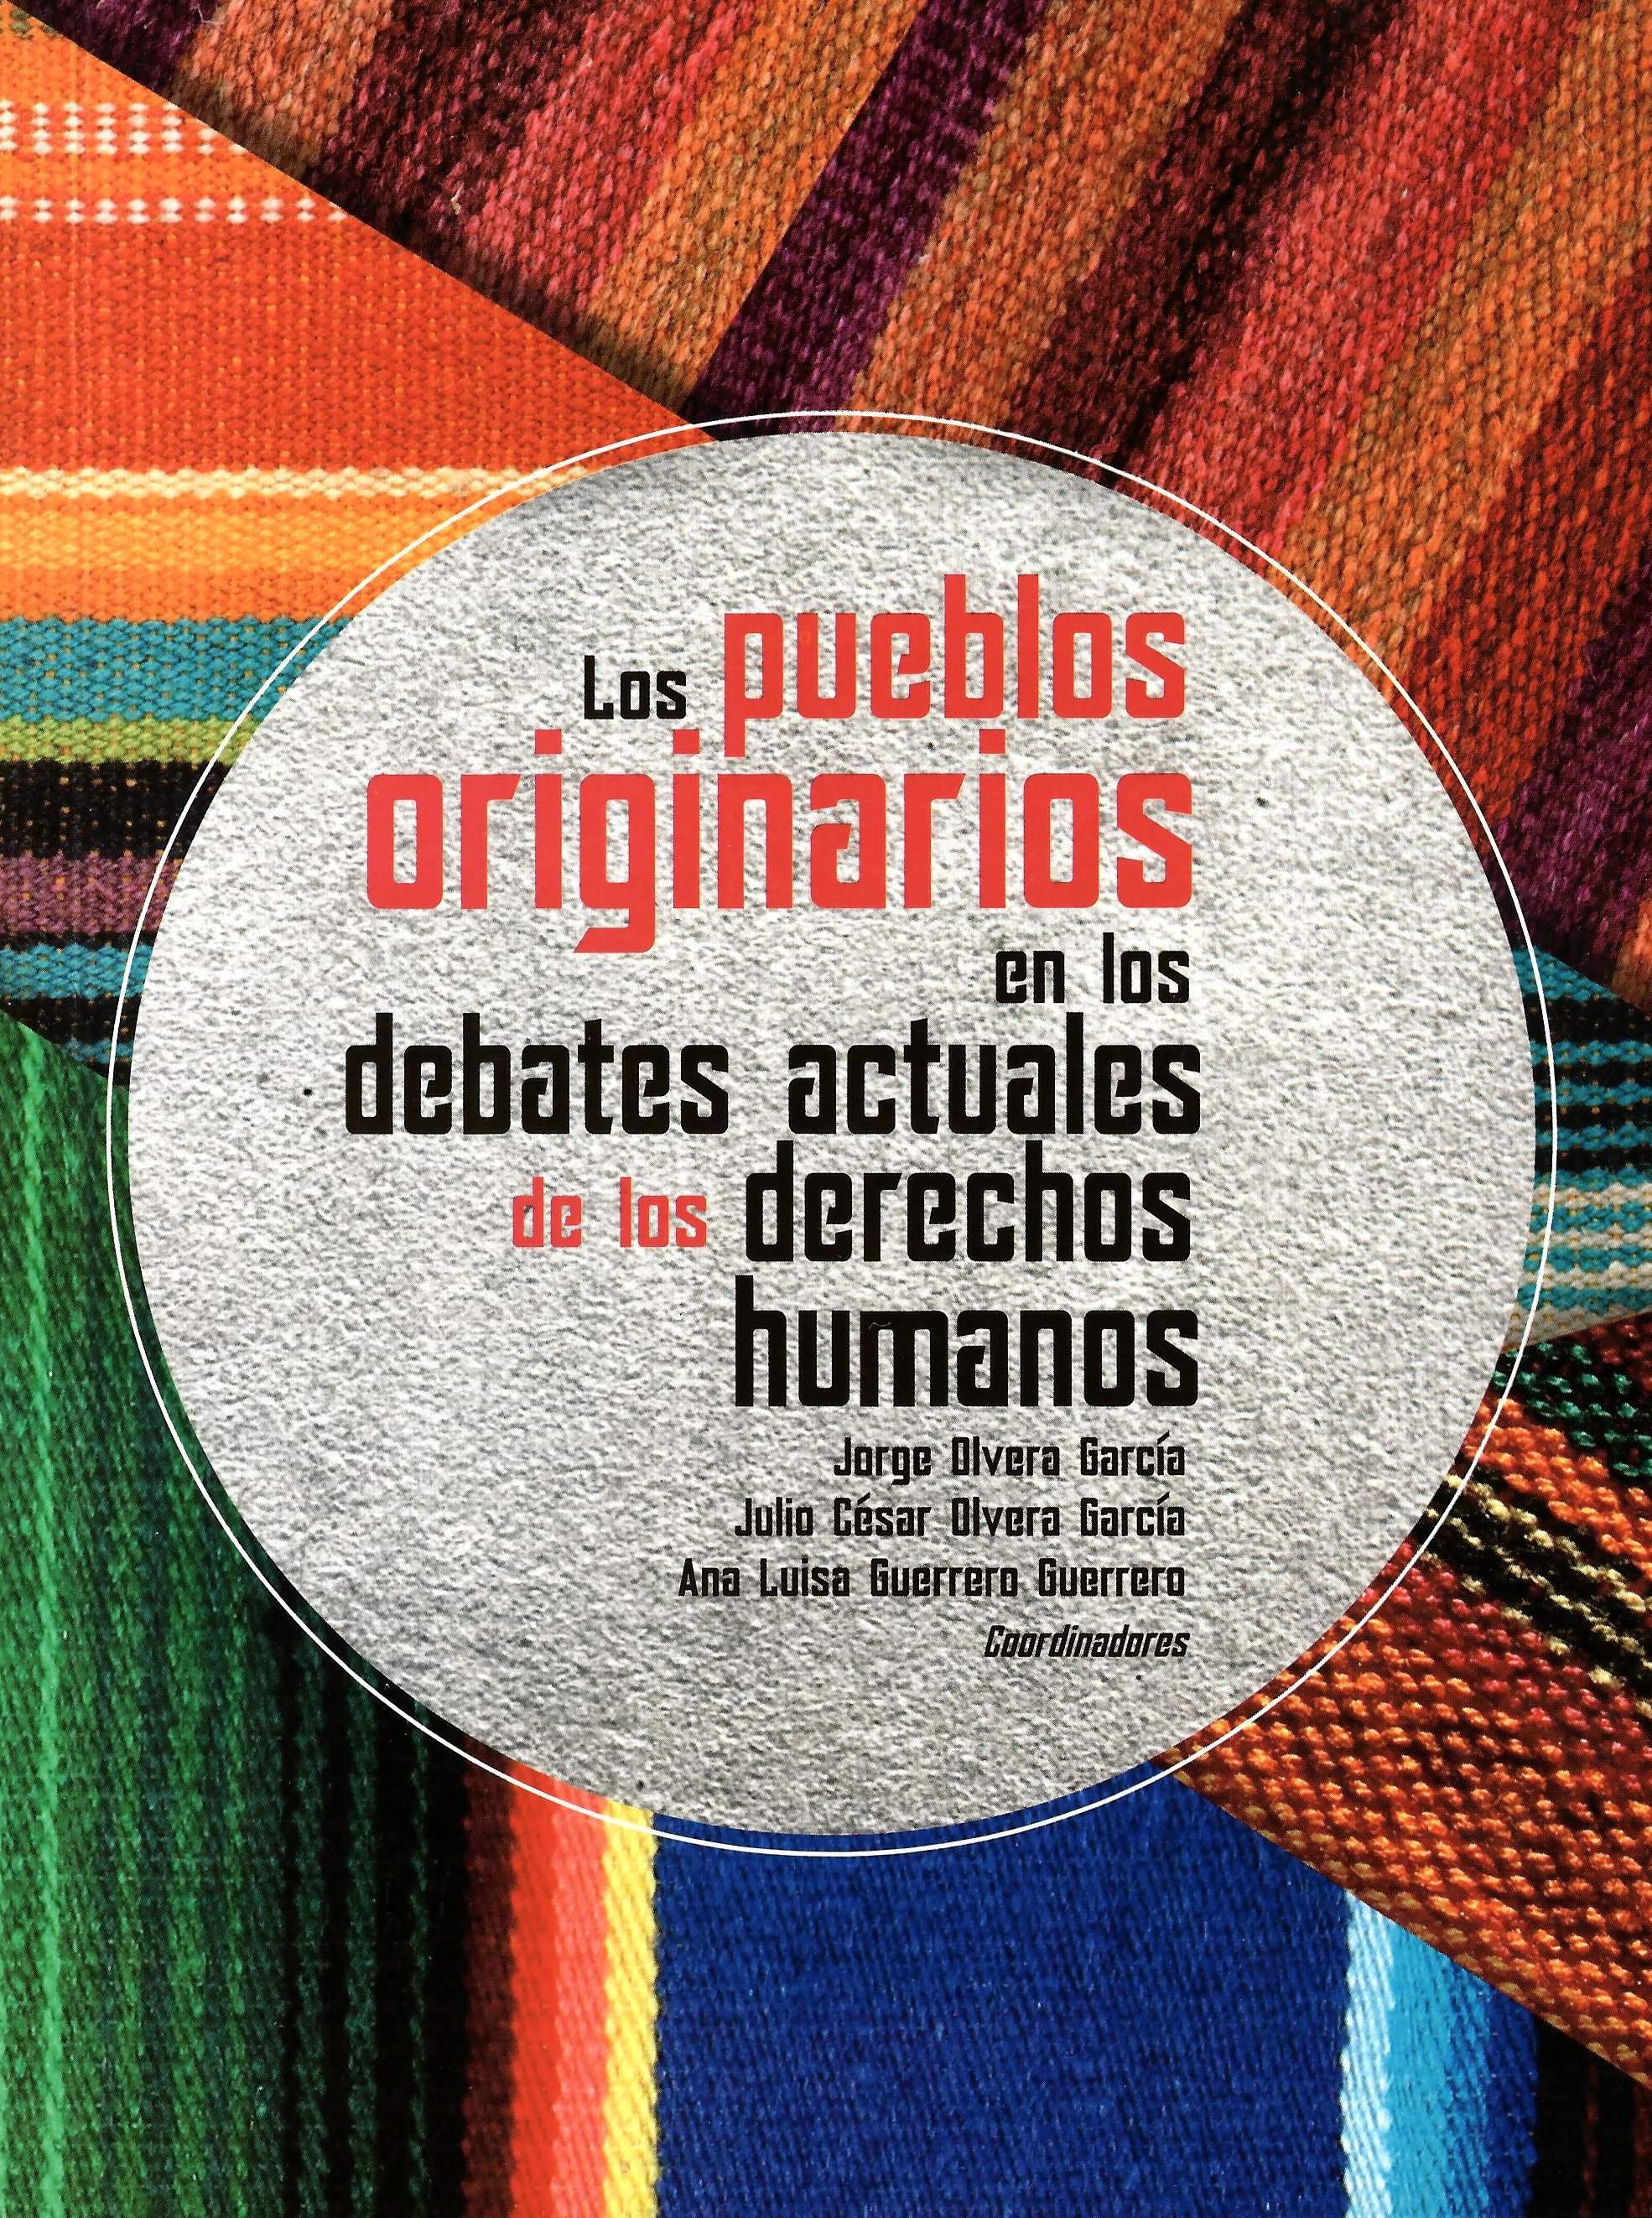 Los pueblos originarios en los debates actuales de los derechos humanos